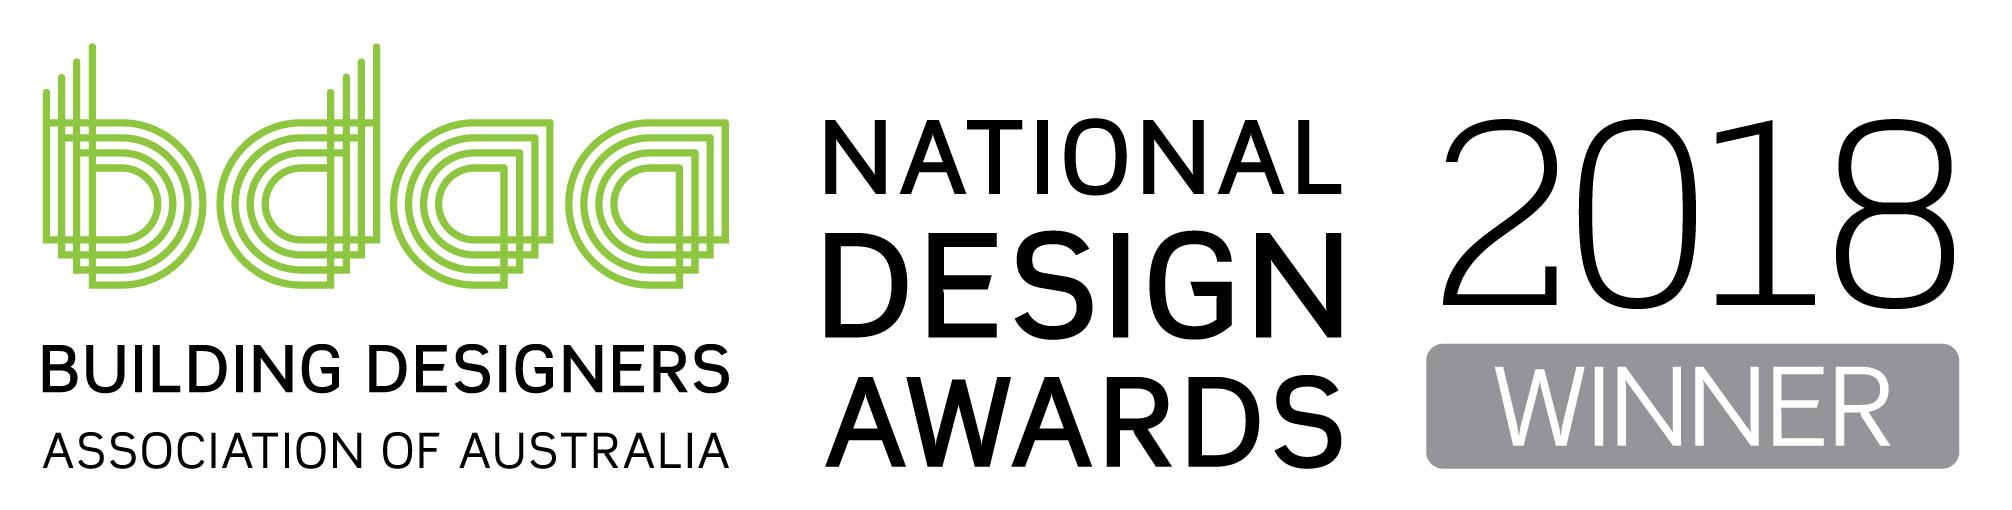 BDAA_design_awards_logo_2018_positive_winner_CMYK.jpg